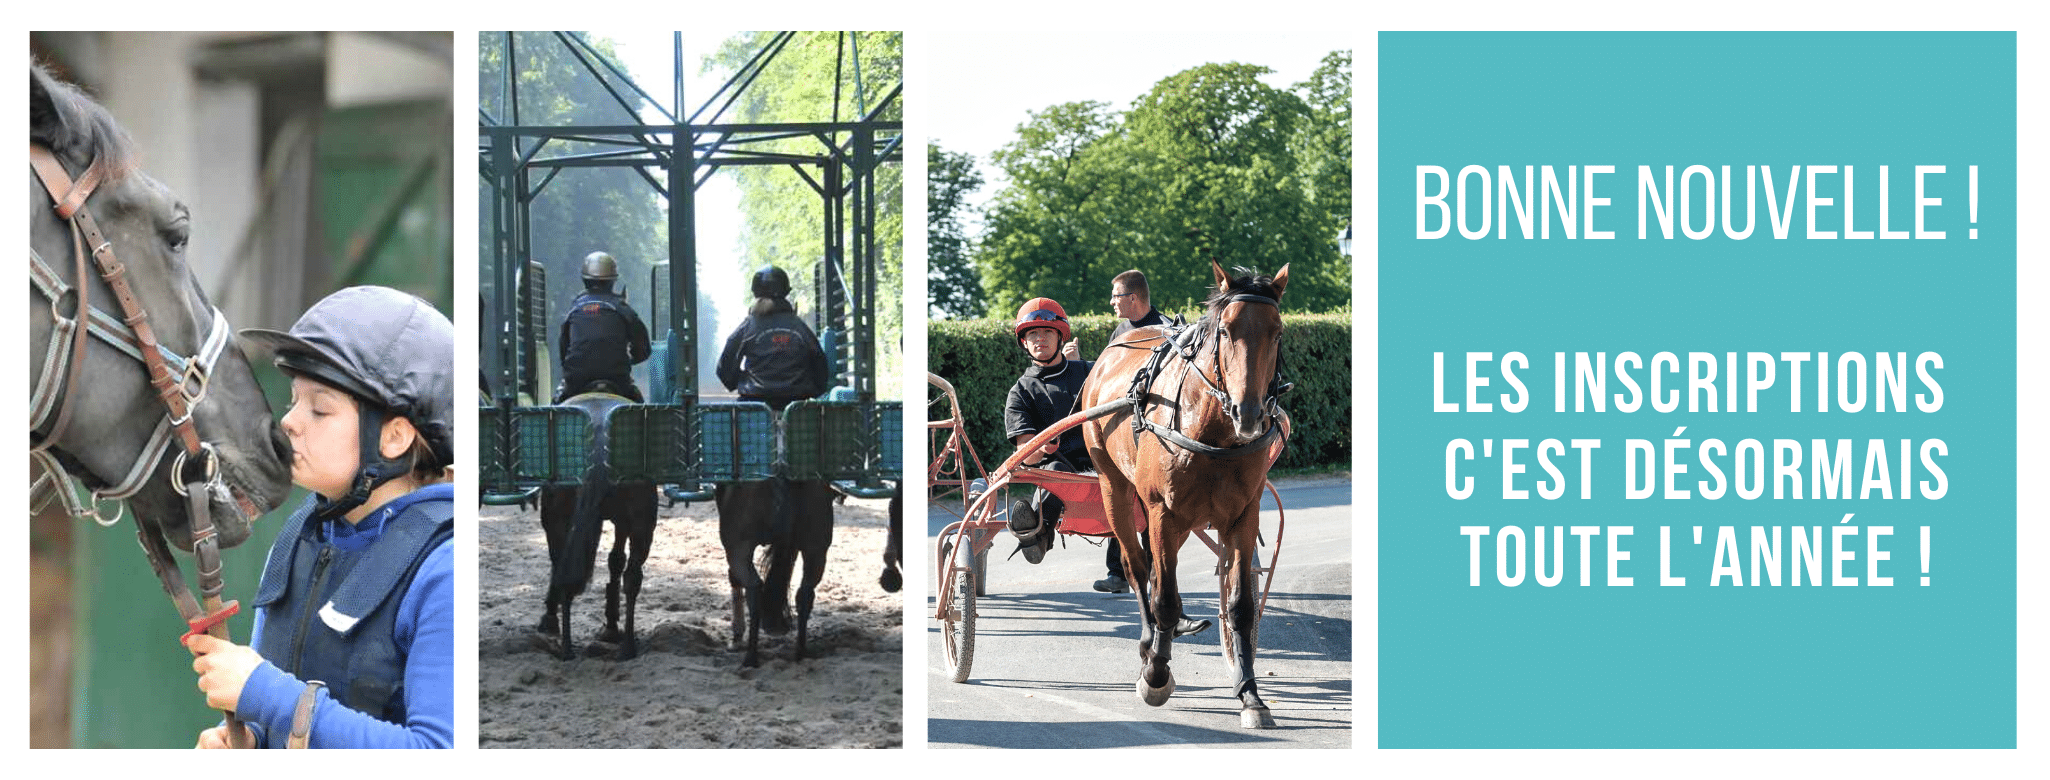 Formations cheval École des Courses Hippiques AFASEC - Inscription